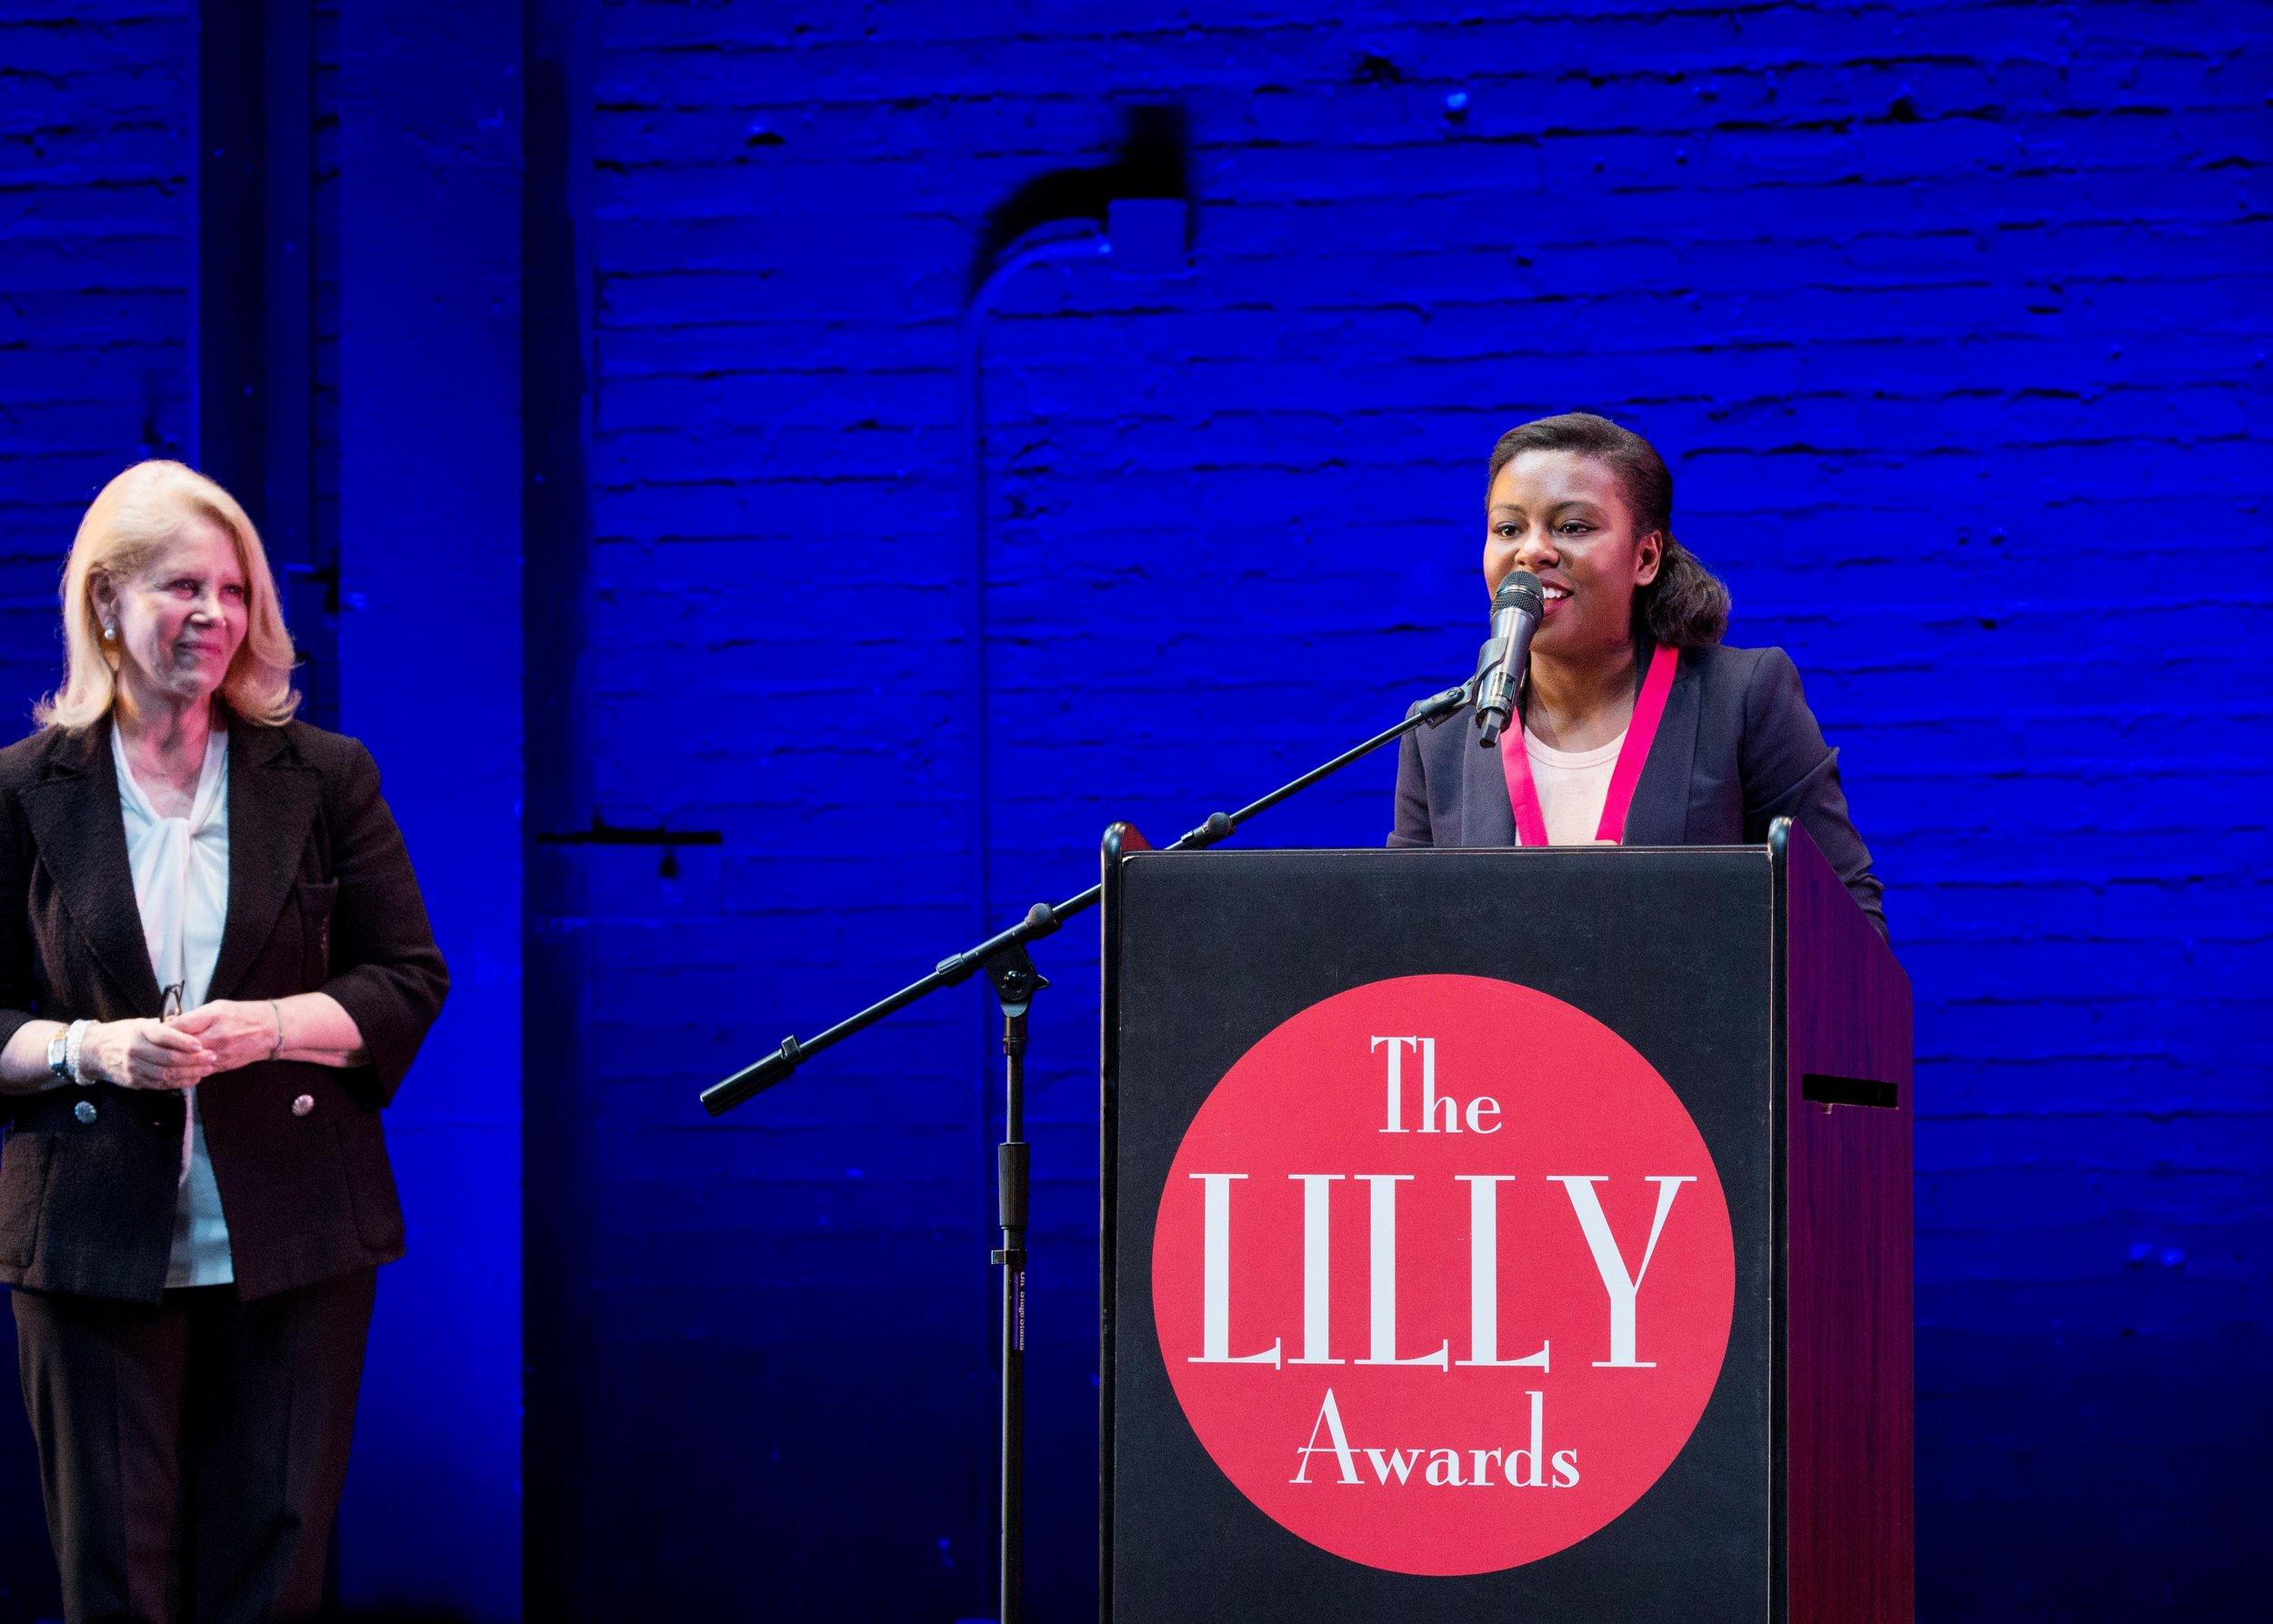 lilly awards 2018-023.jpg